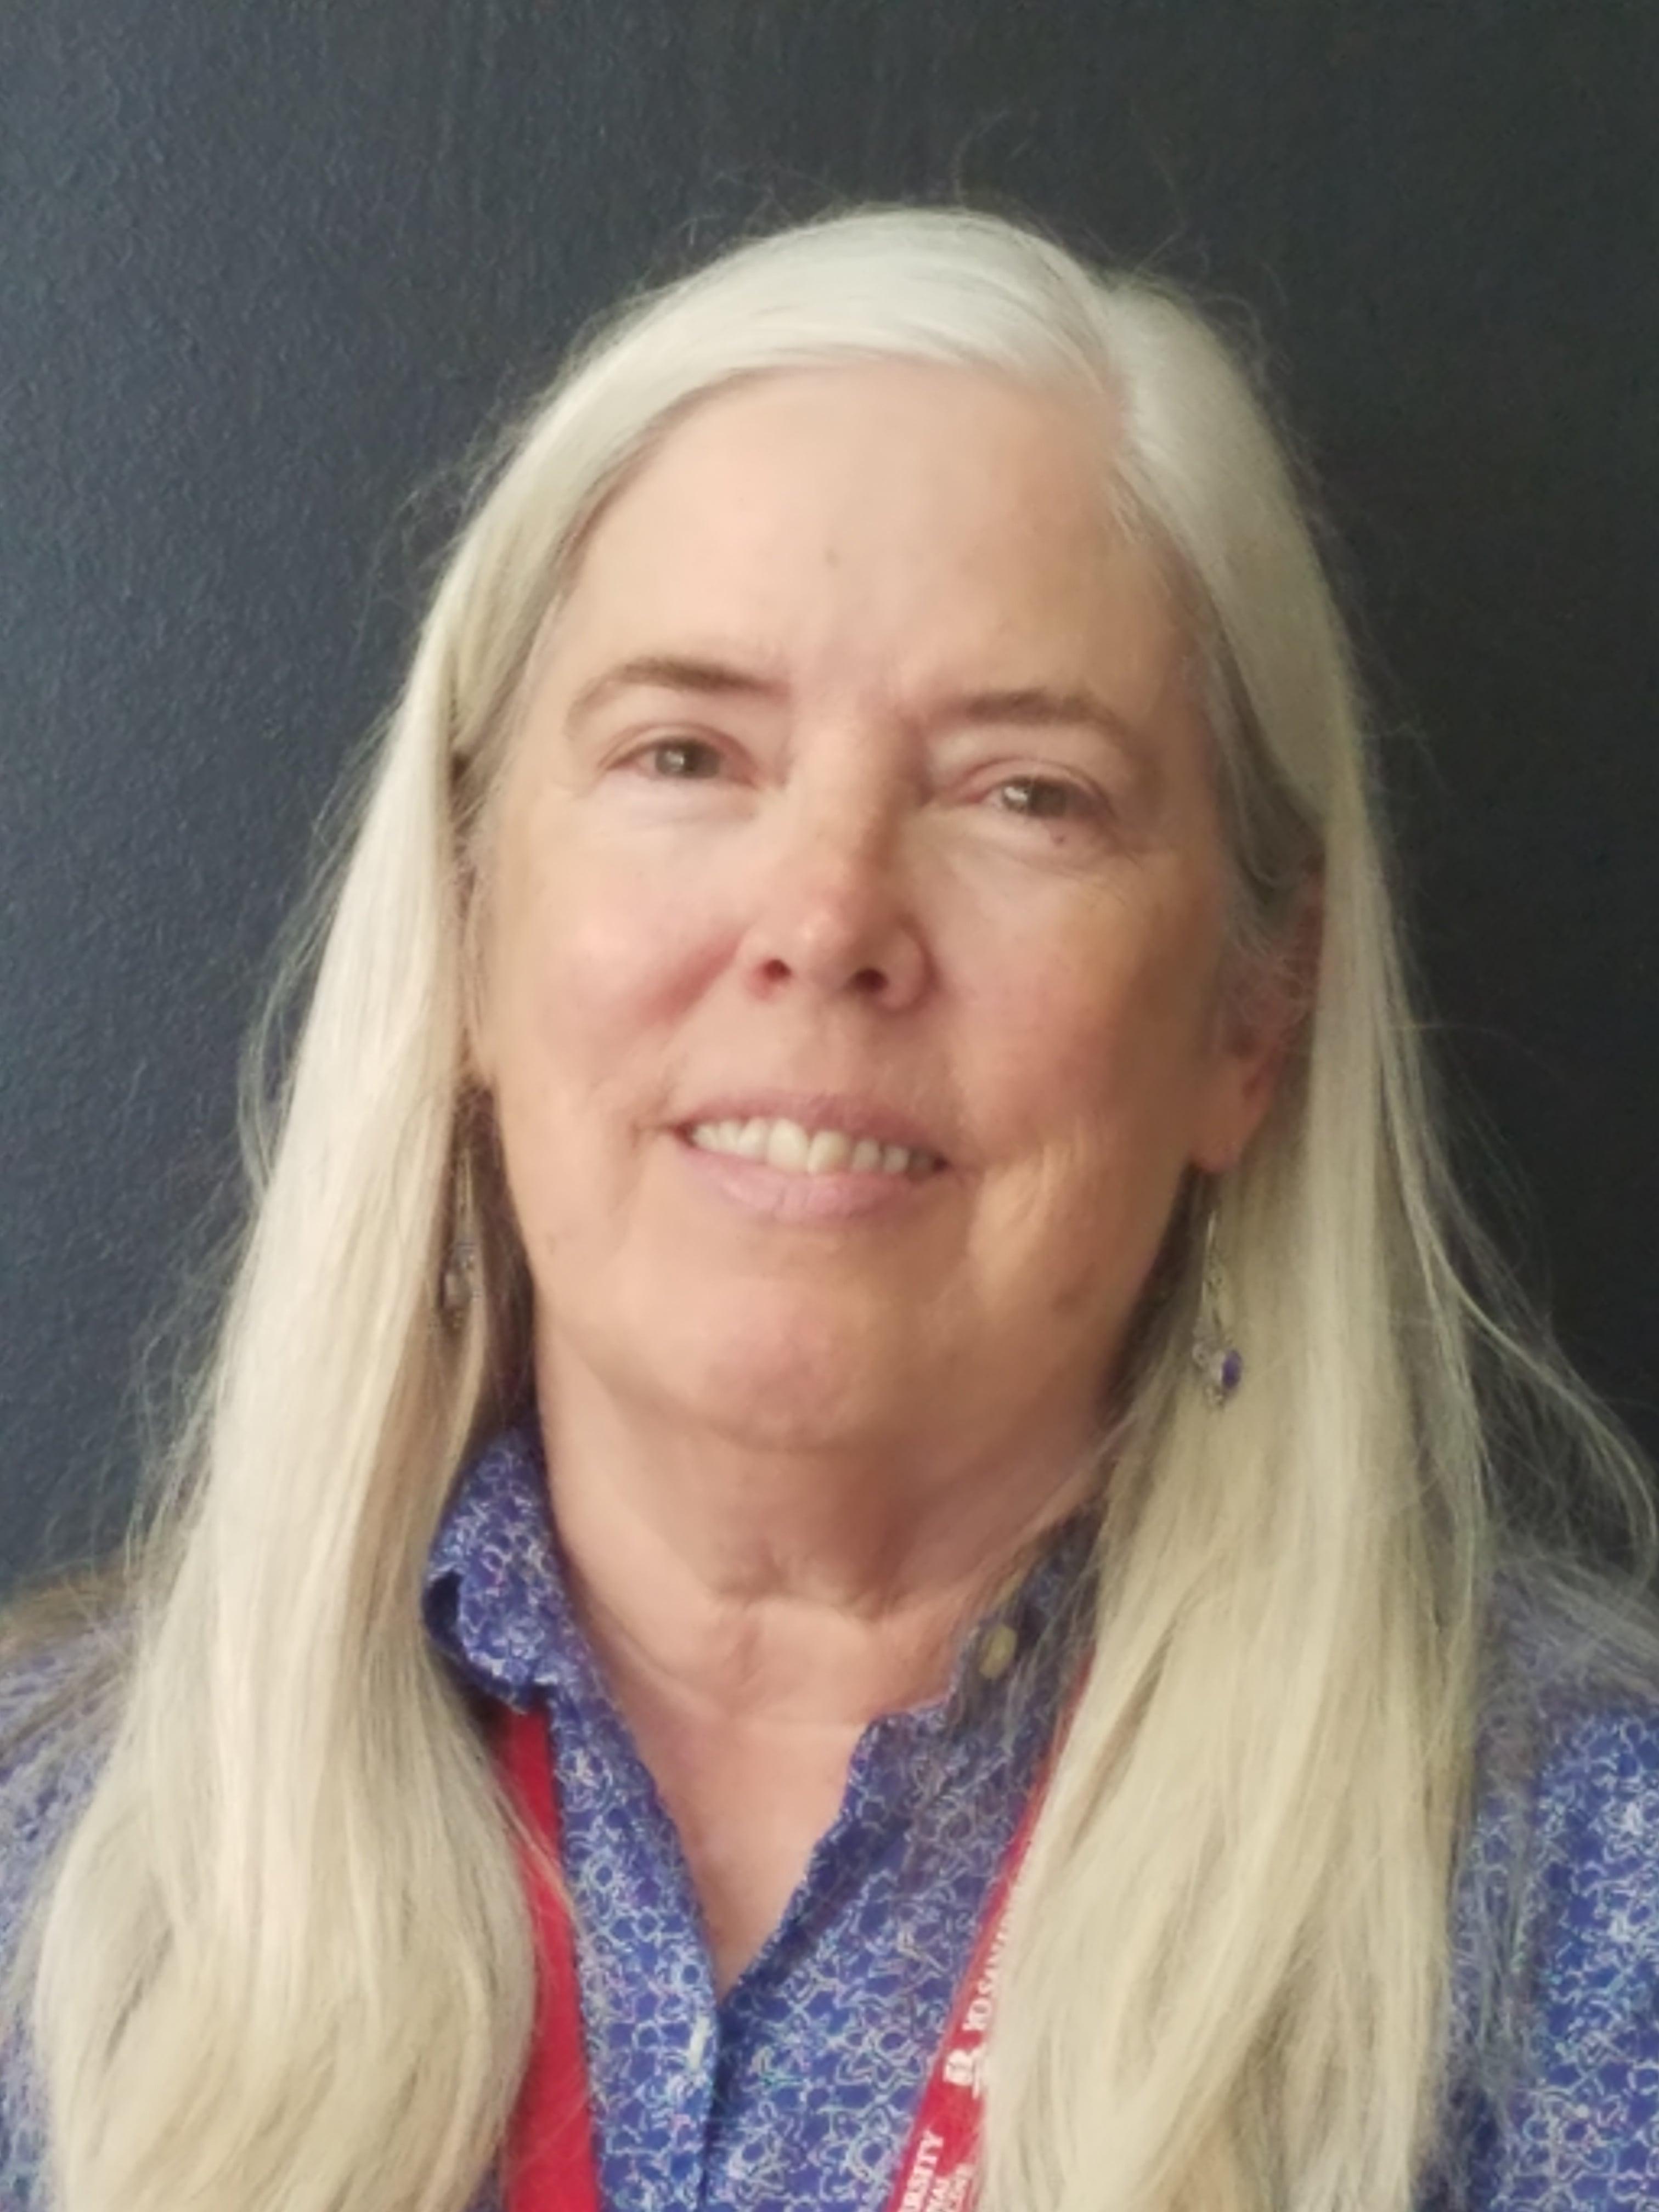 Image of Laraine Crampton